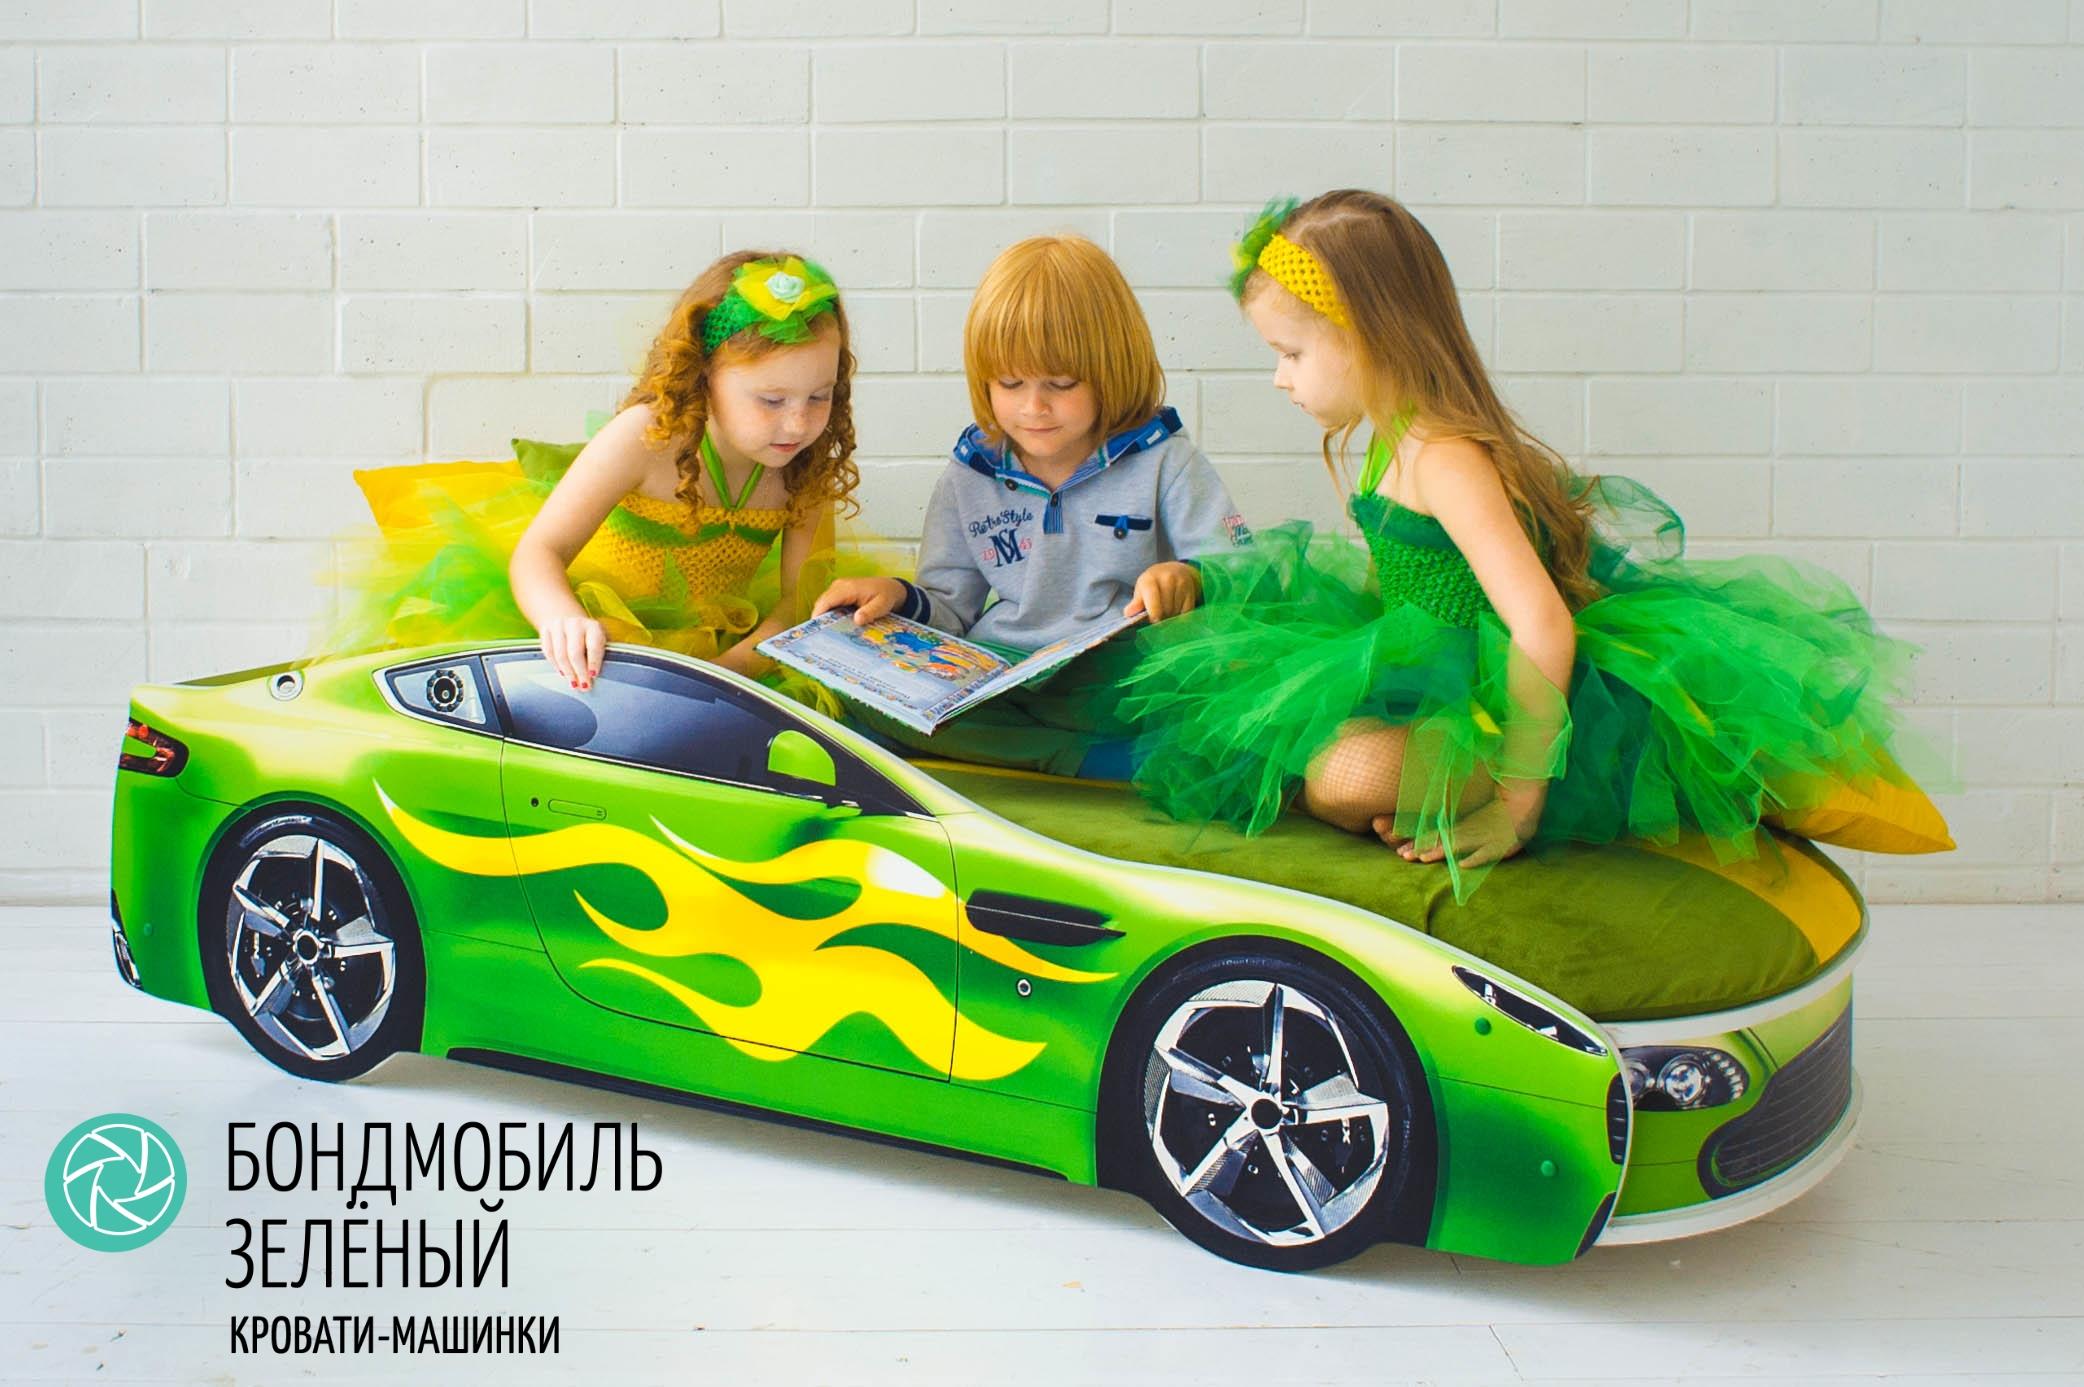 Детская кровать-машина зеленый -Бондмобиль-3